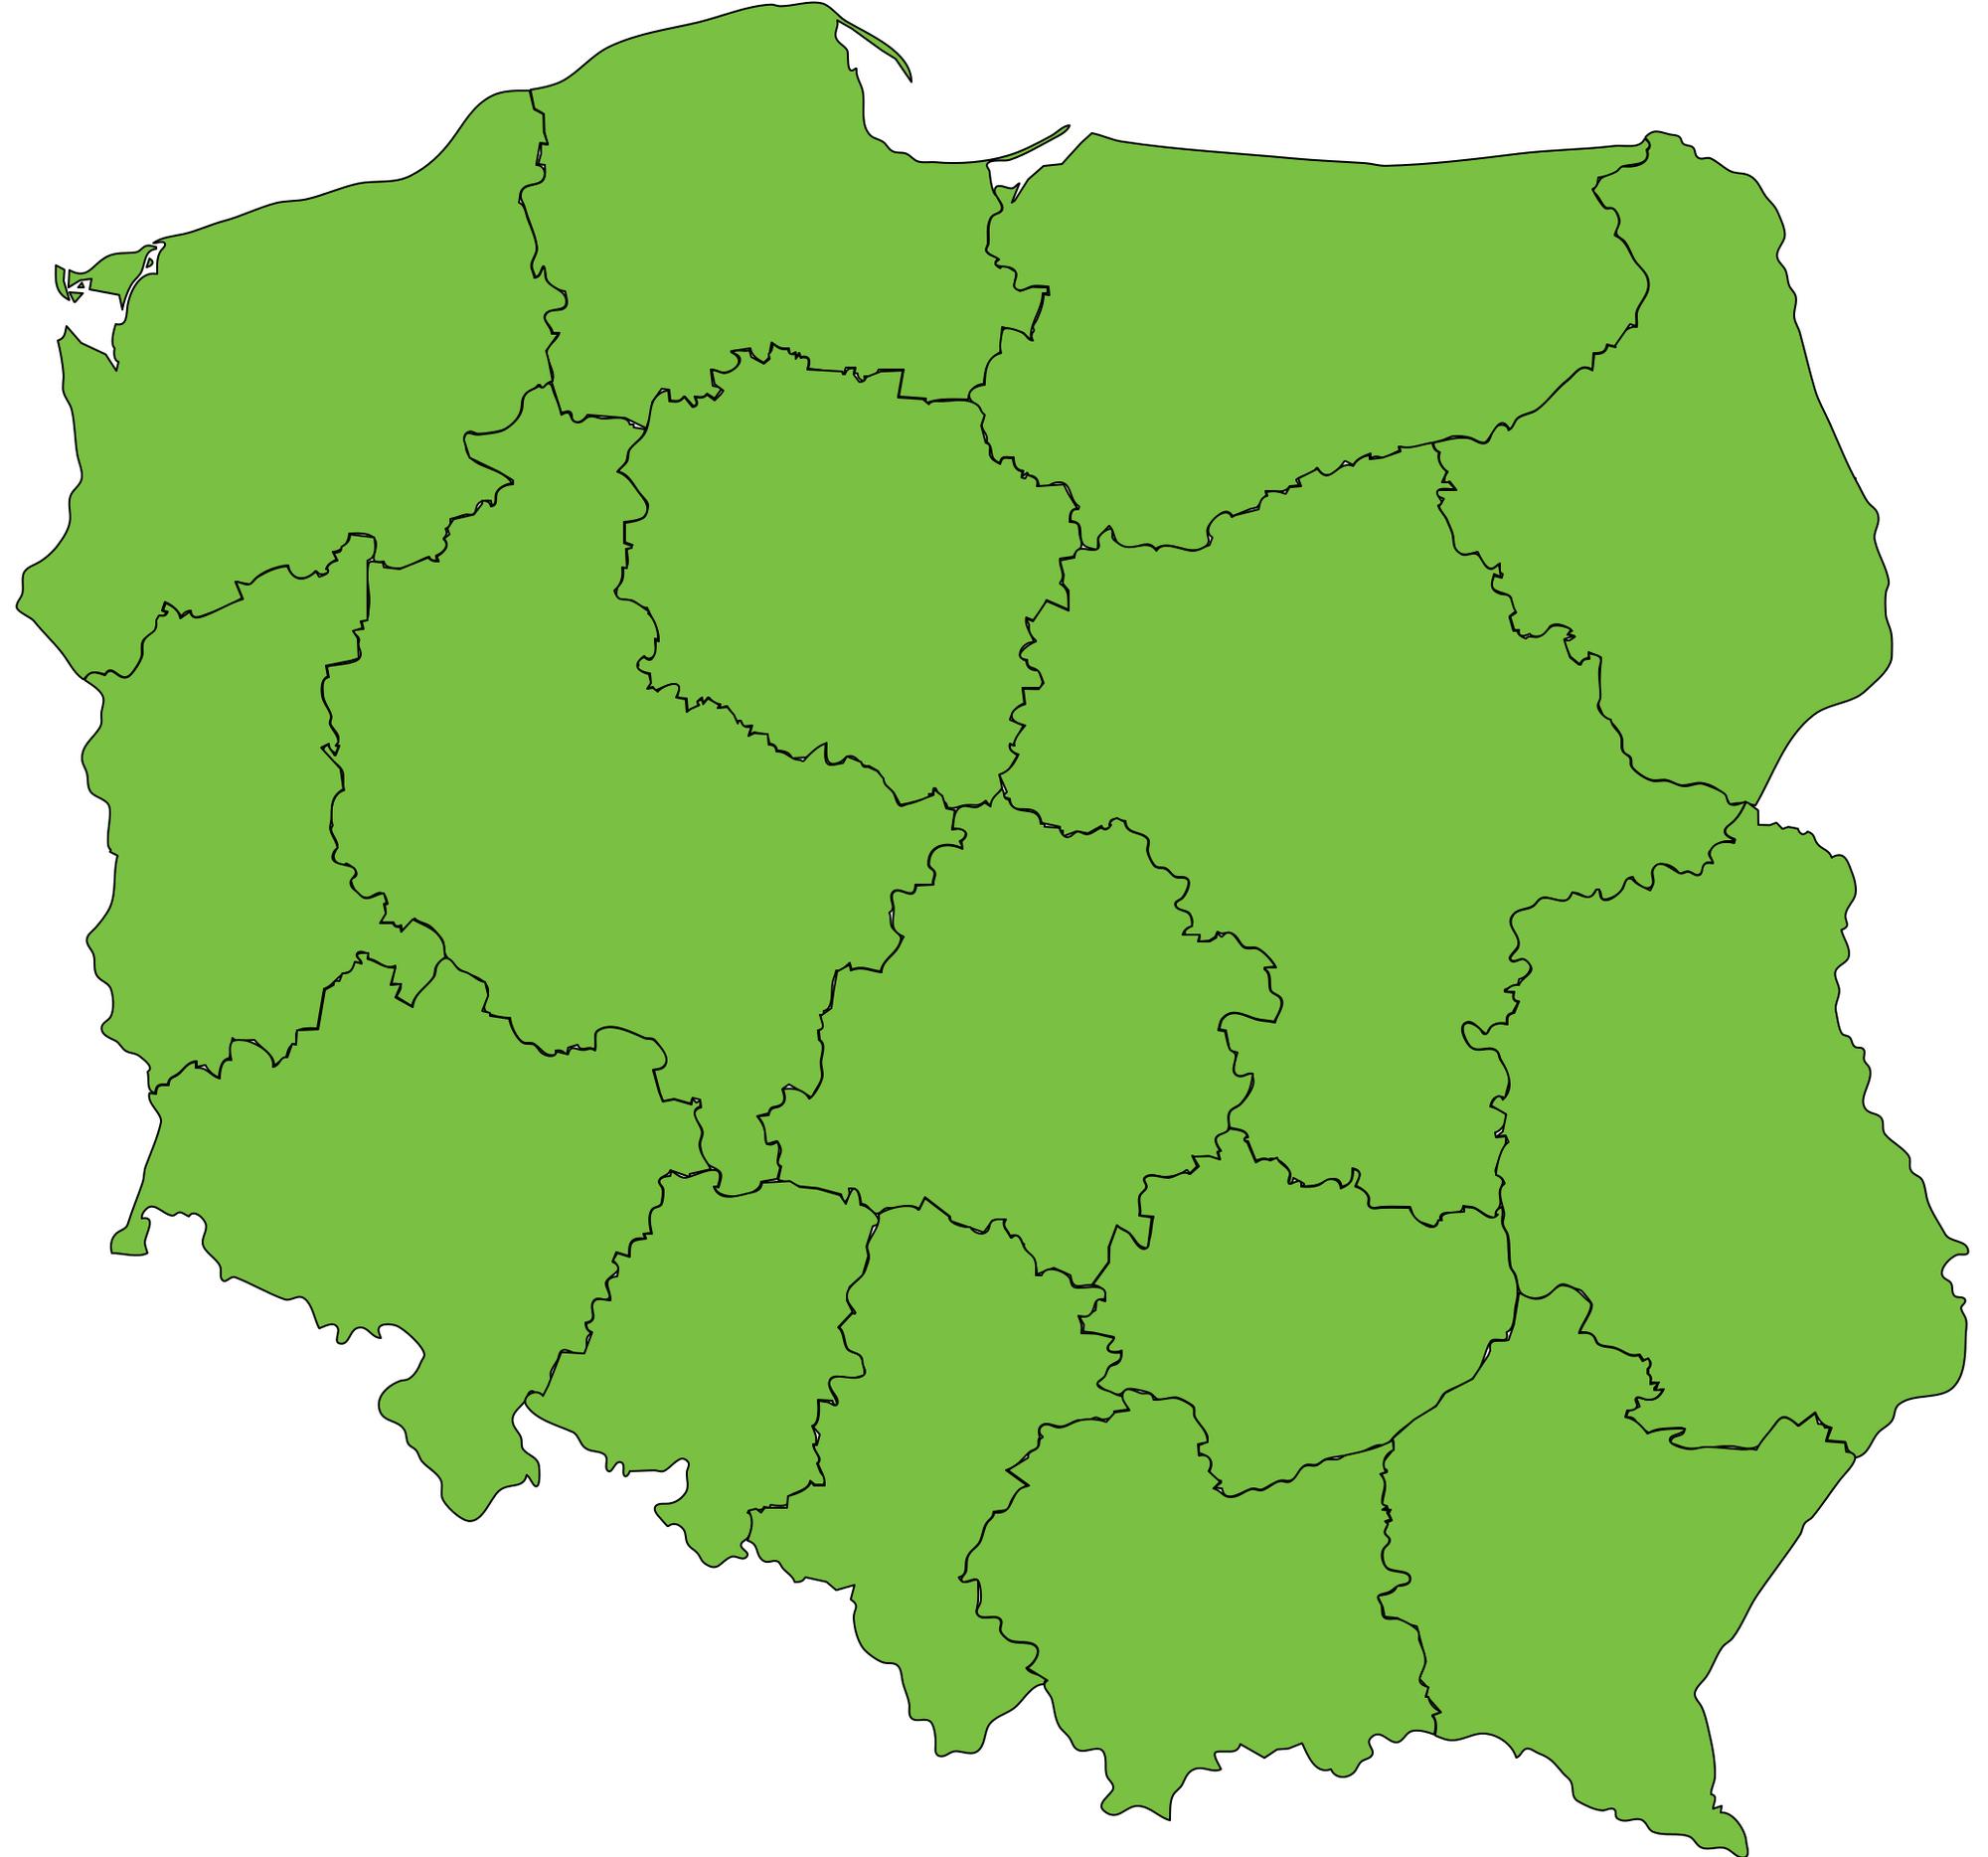 Mapa Polski na Województwa Plik:mapa Polski Wojewodztwa